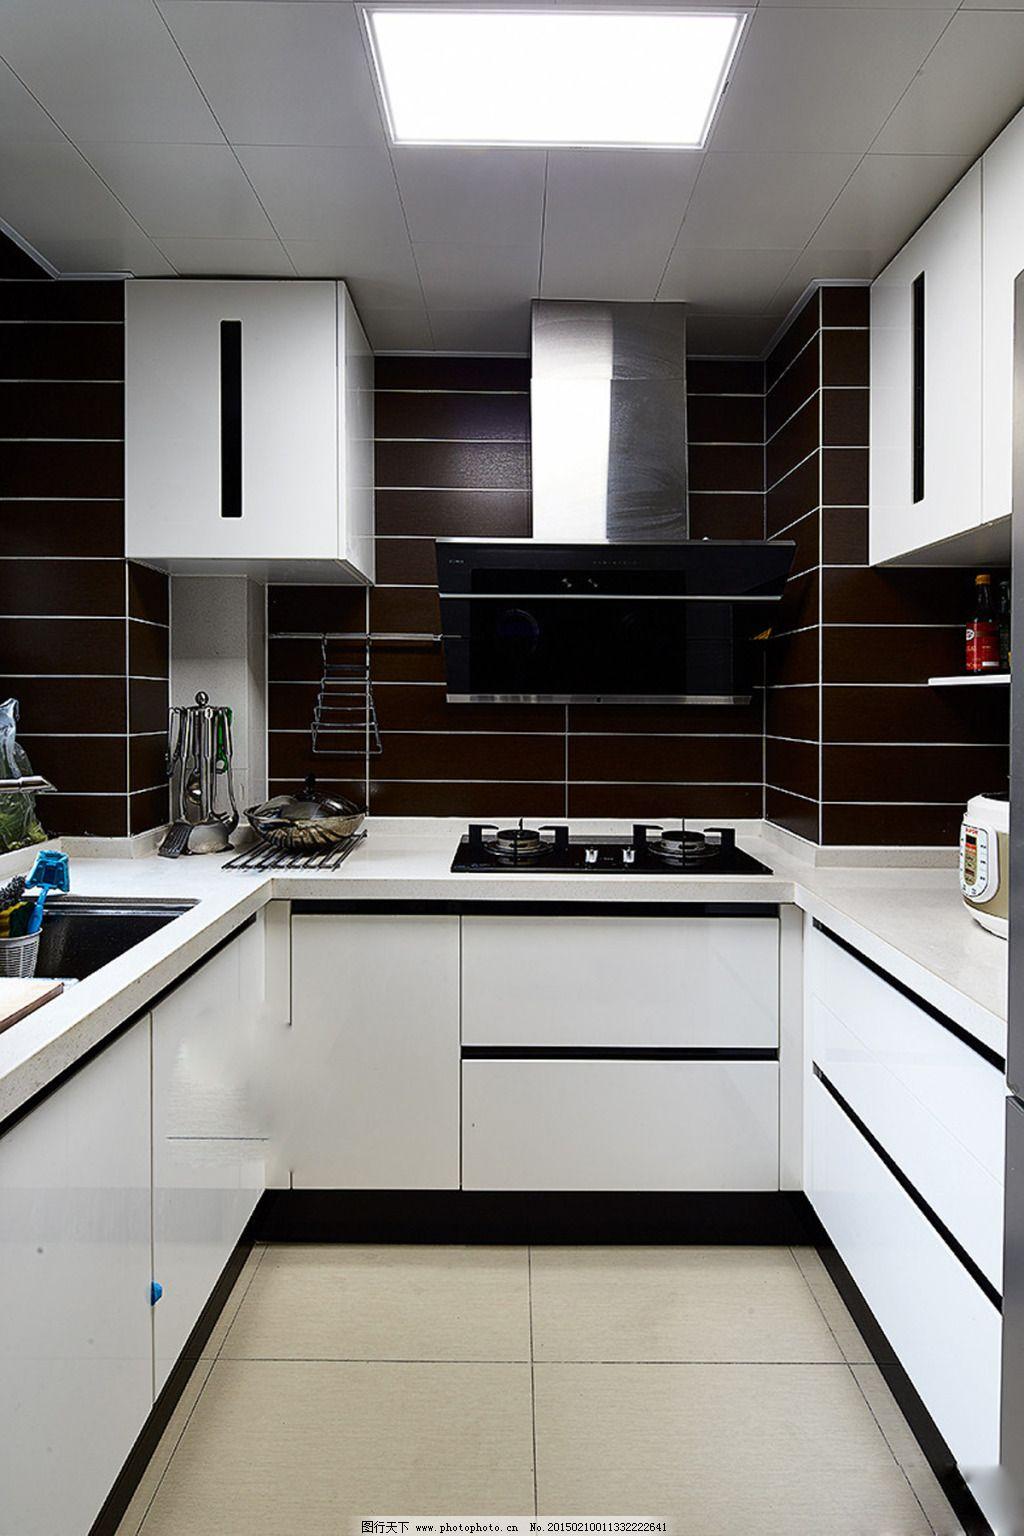 壁纸 吊灯 液晶壁挂电视 电视股 沙发 茶几 烤漆玻璃 地柜 餐桌 欧式